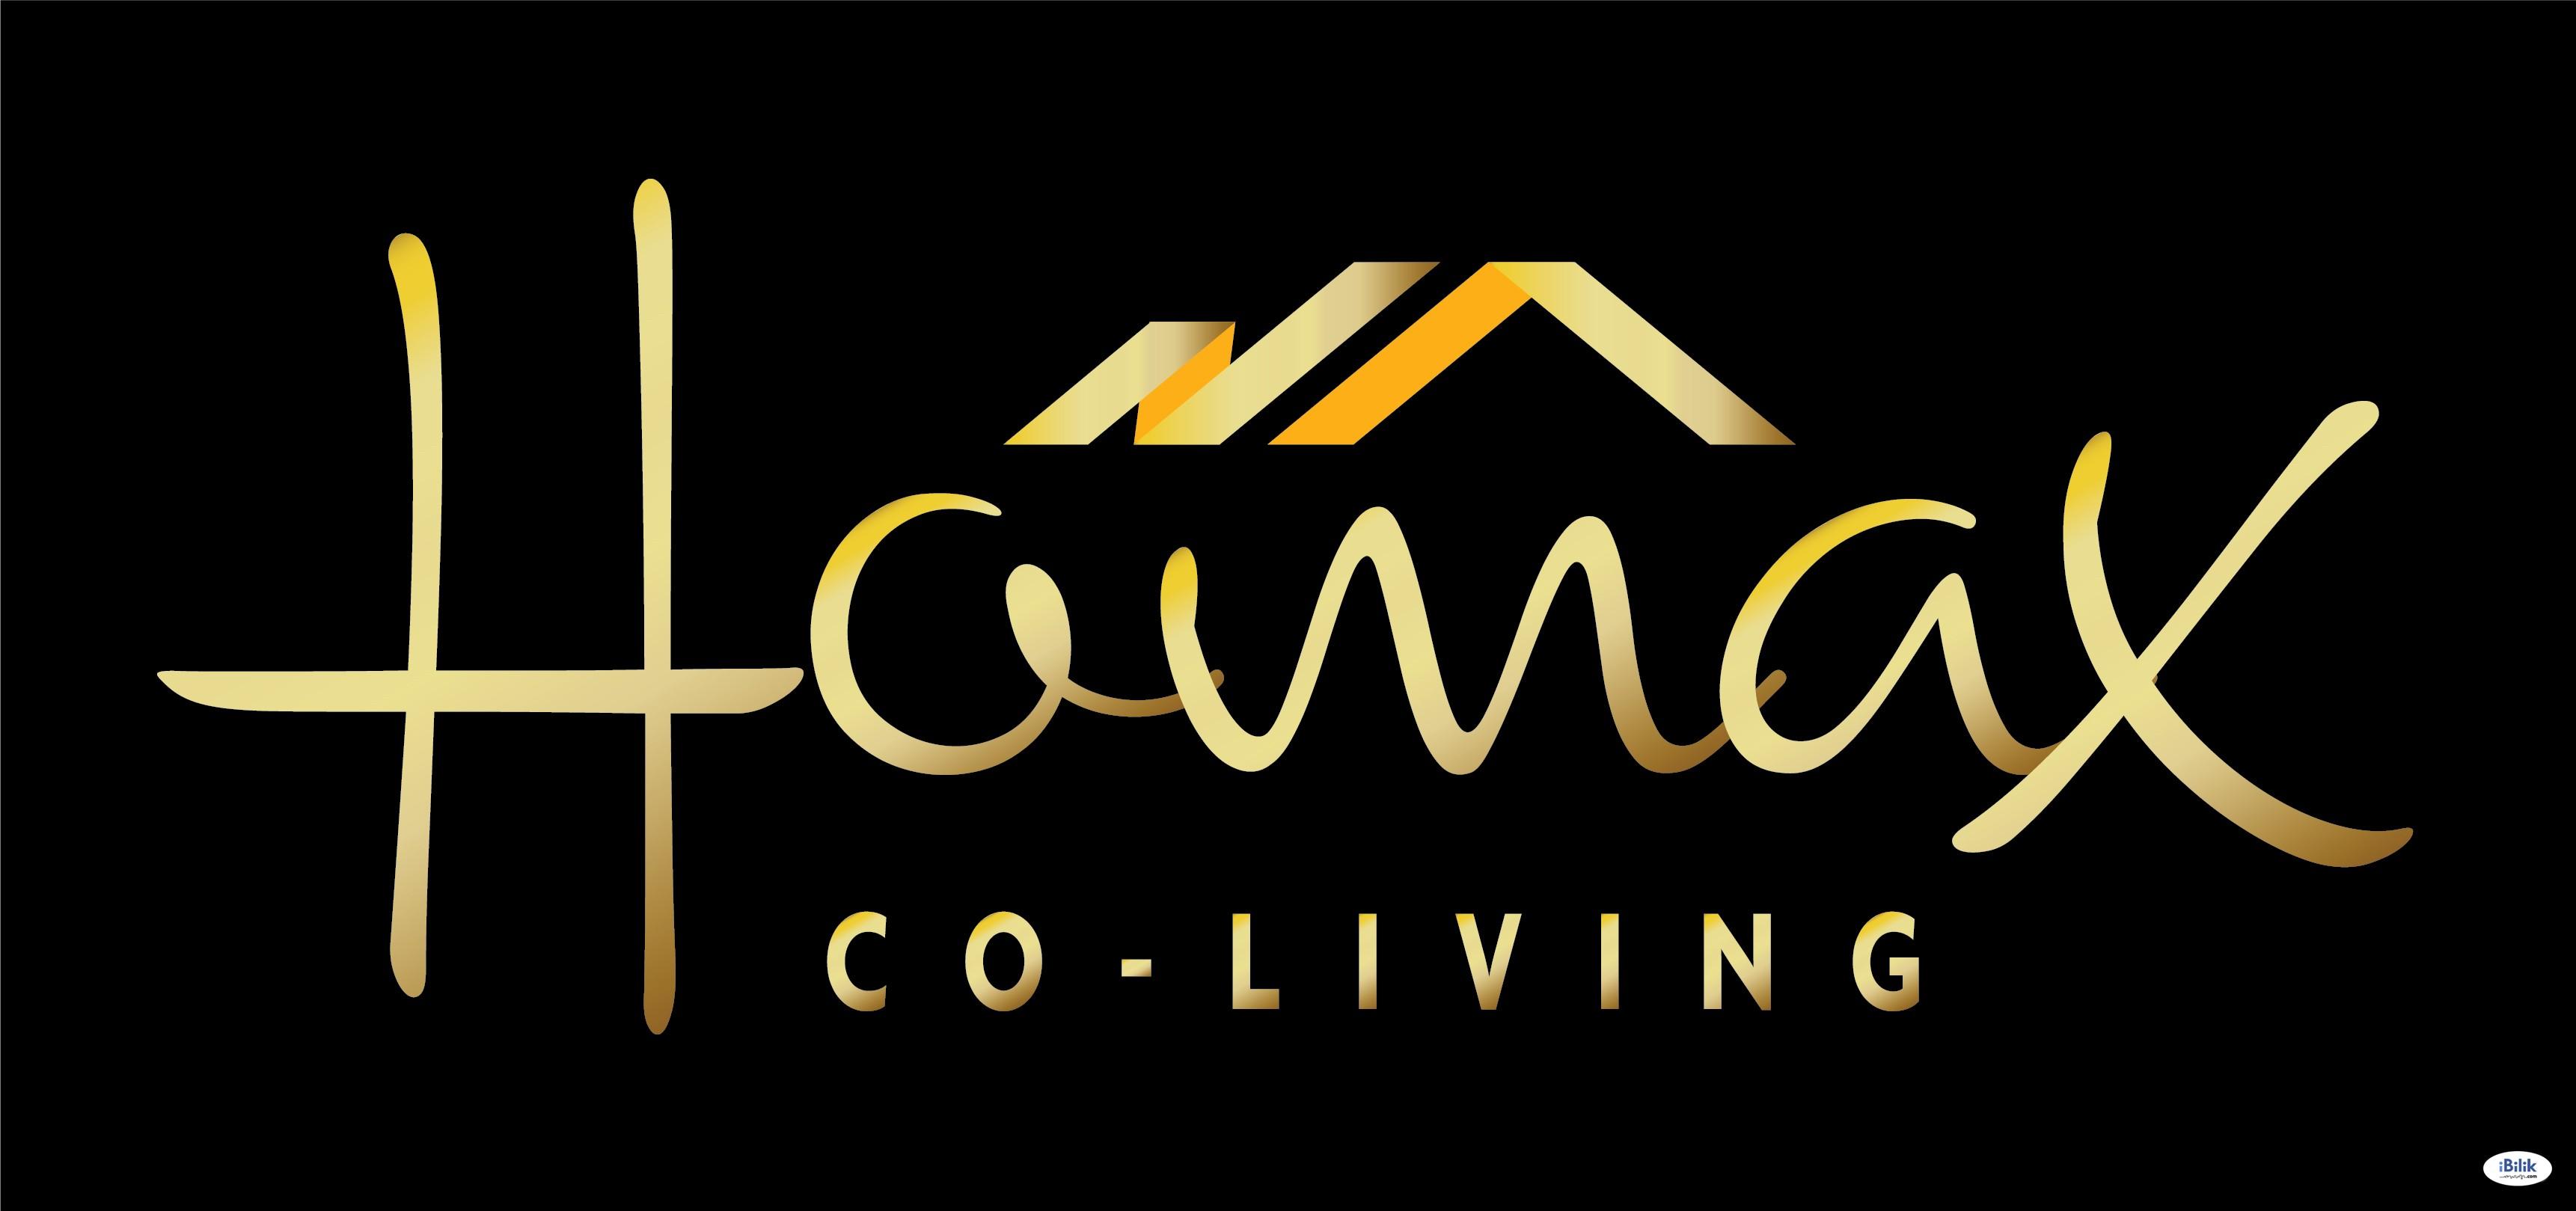 HOMAX CO-LIVING